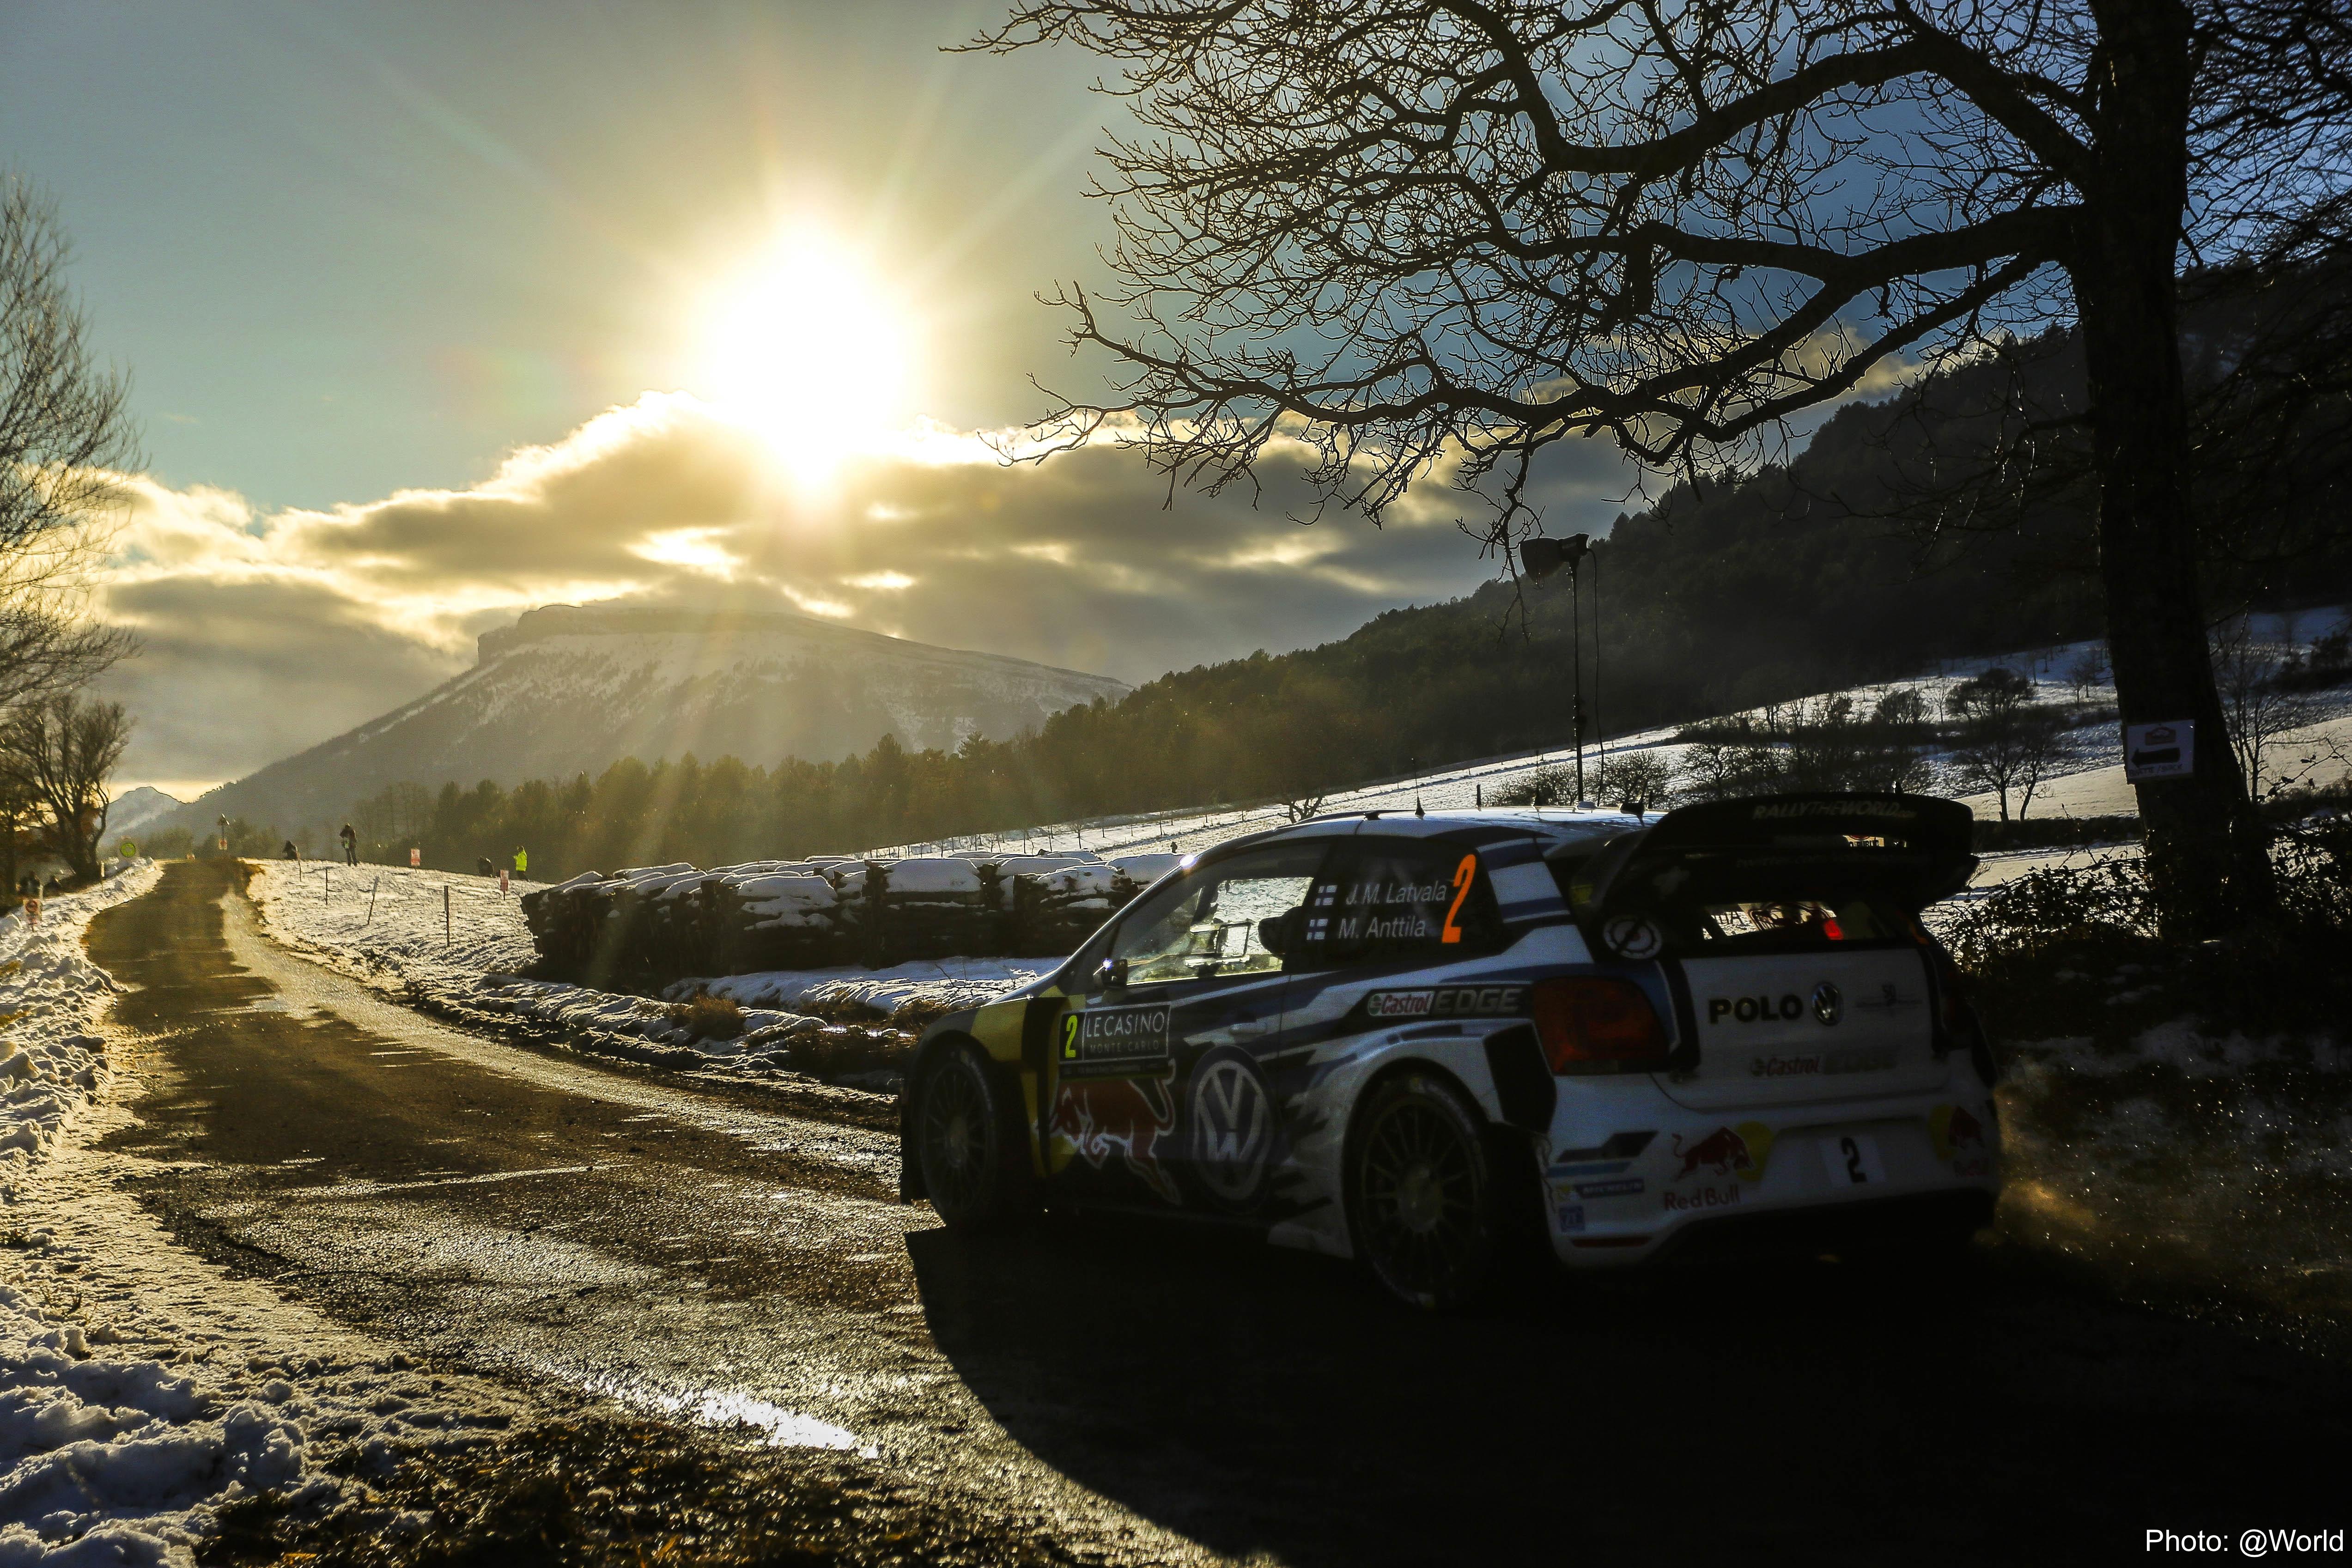 FIA WORLD RALLY CHAMPIONSHIP 2016 – WRC MONTE CARLO